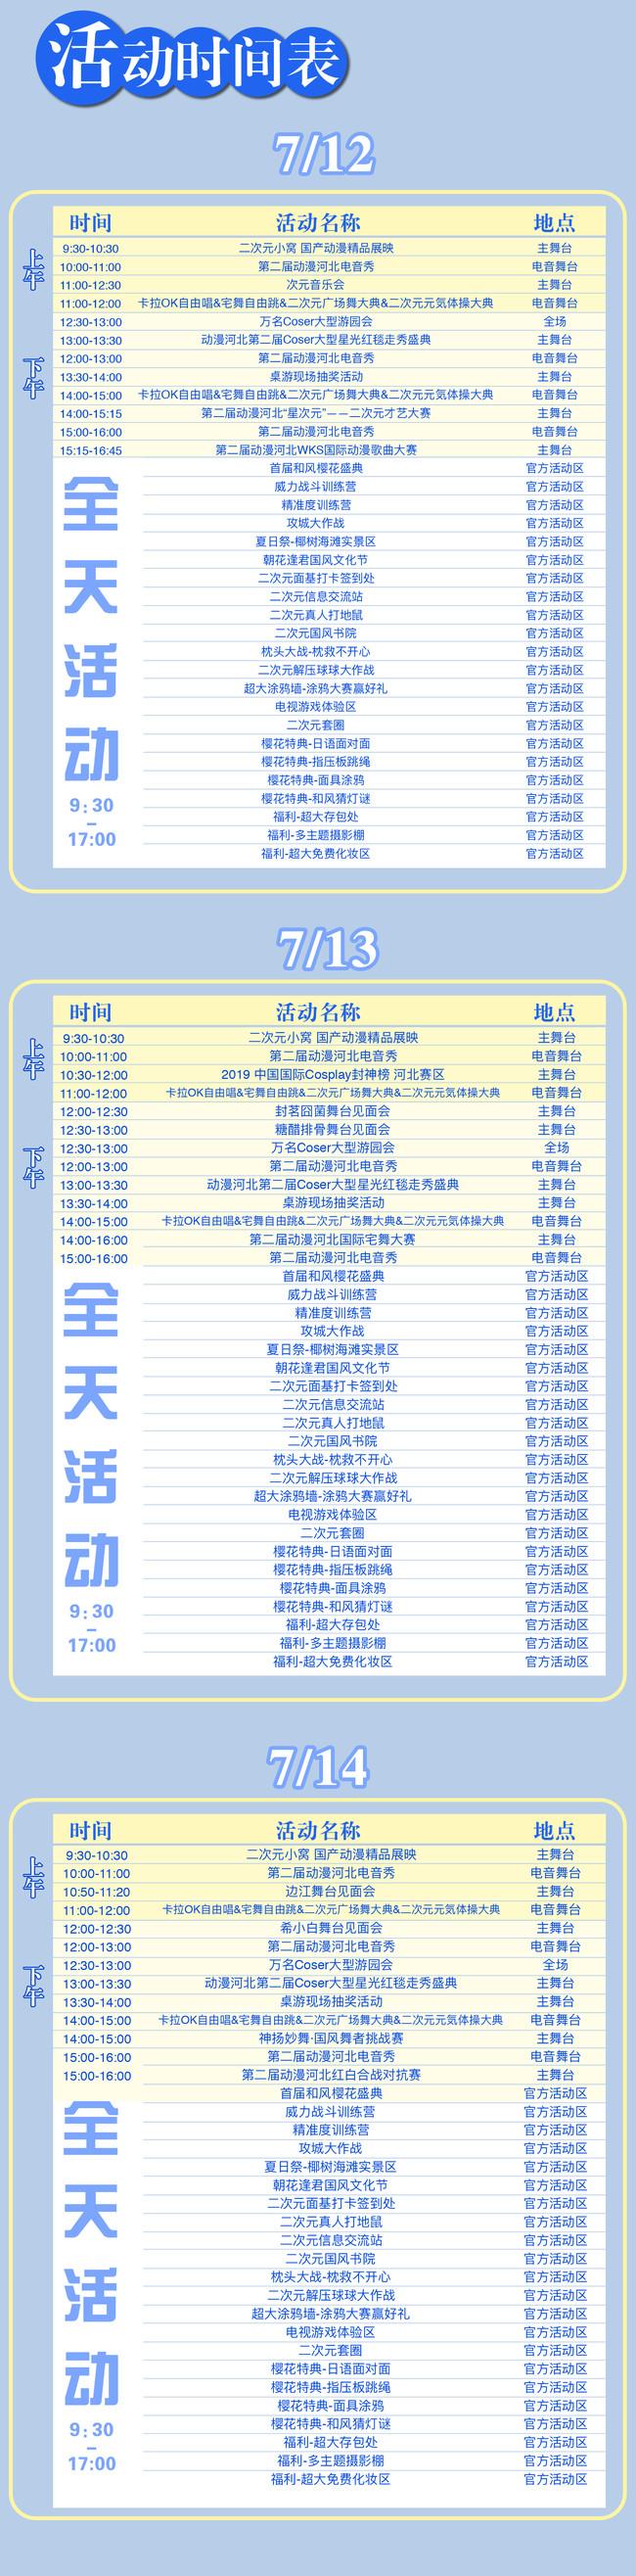 6 活动时间表.jpg